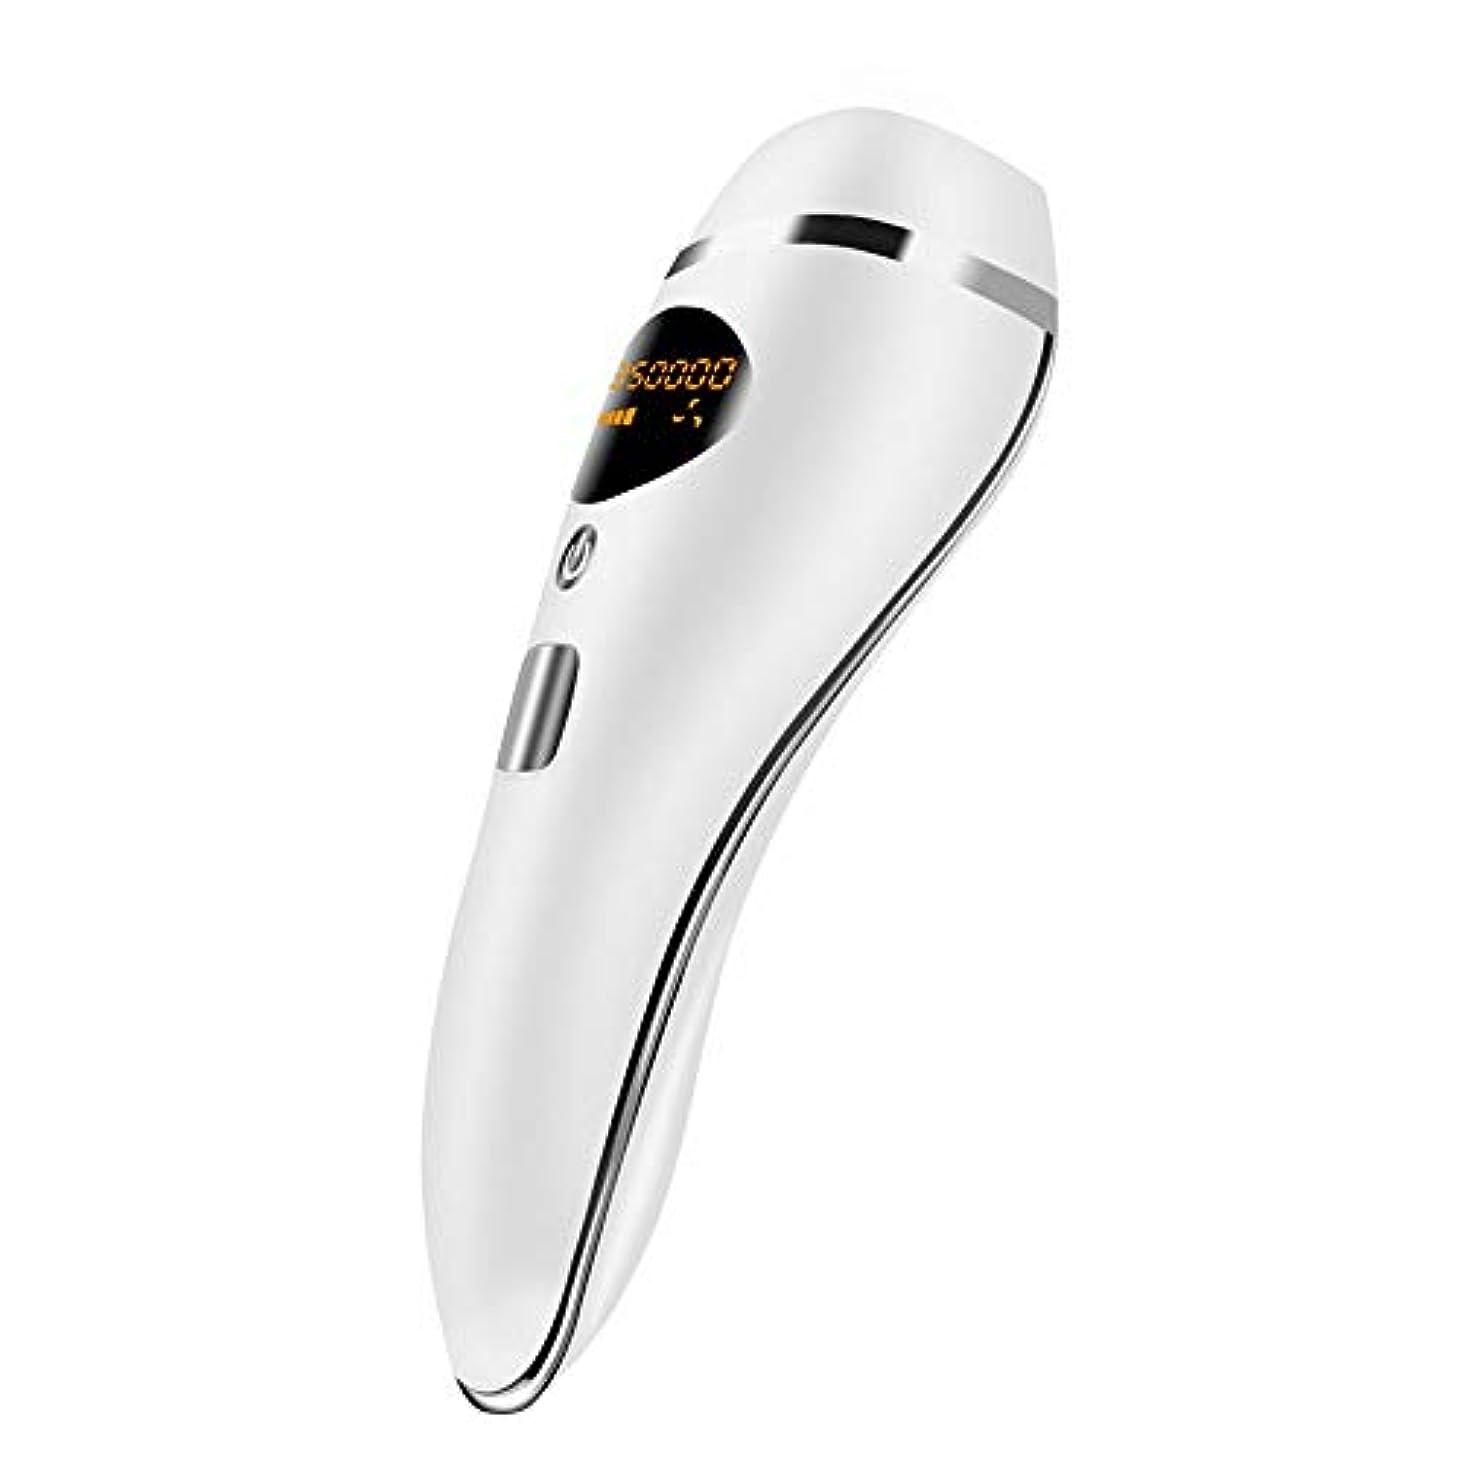 シェフ音声確保する自動全身無痛脱毛剤、ホワイト、ポータブルパーマネントヘアリムーバー、デュアルモード、5速調整、サイズ20.5x7cm 安全性